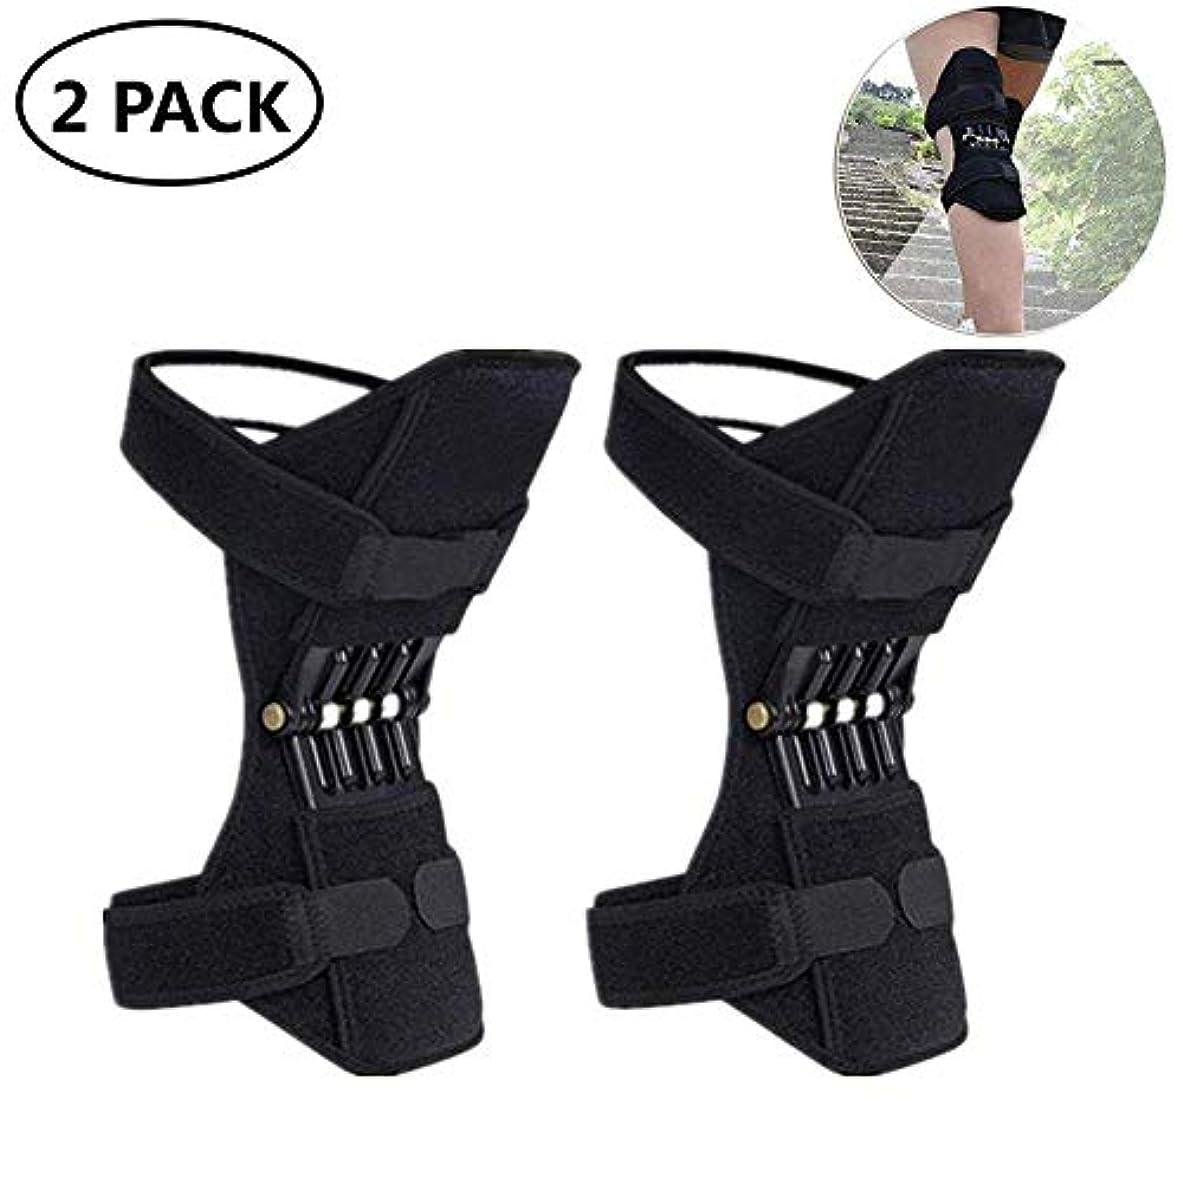 なぜなら小さな頑丈膝保護ブースター 膝ブレース 膝の安定性と回復補助 助力器 関節 靭帯 膝保護 膝蓋骨ブースタープロテクター 膝蓋骨サポート 登山/ランニングなどに最適 男女兼用 介護用品 作業用